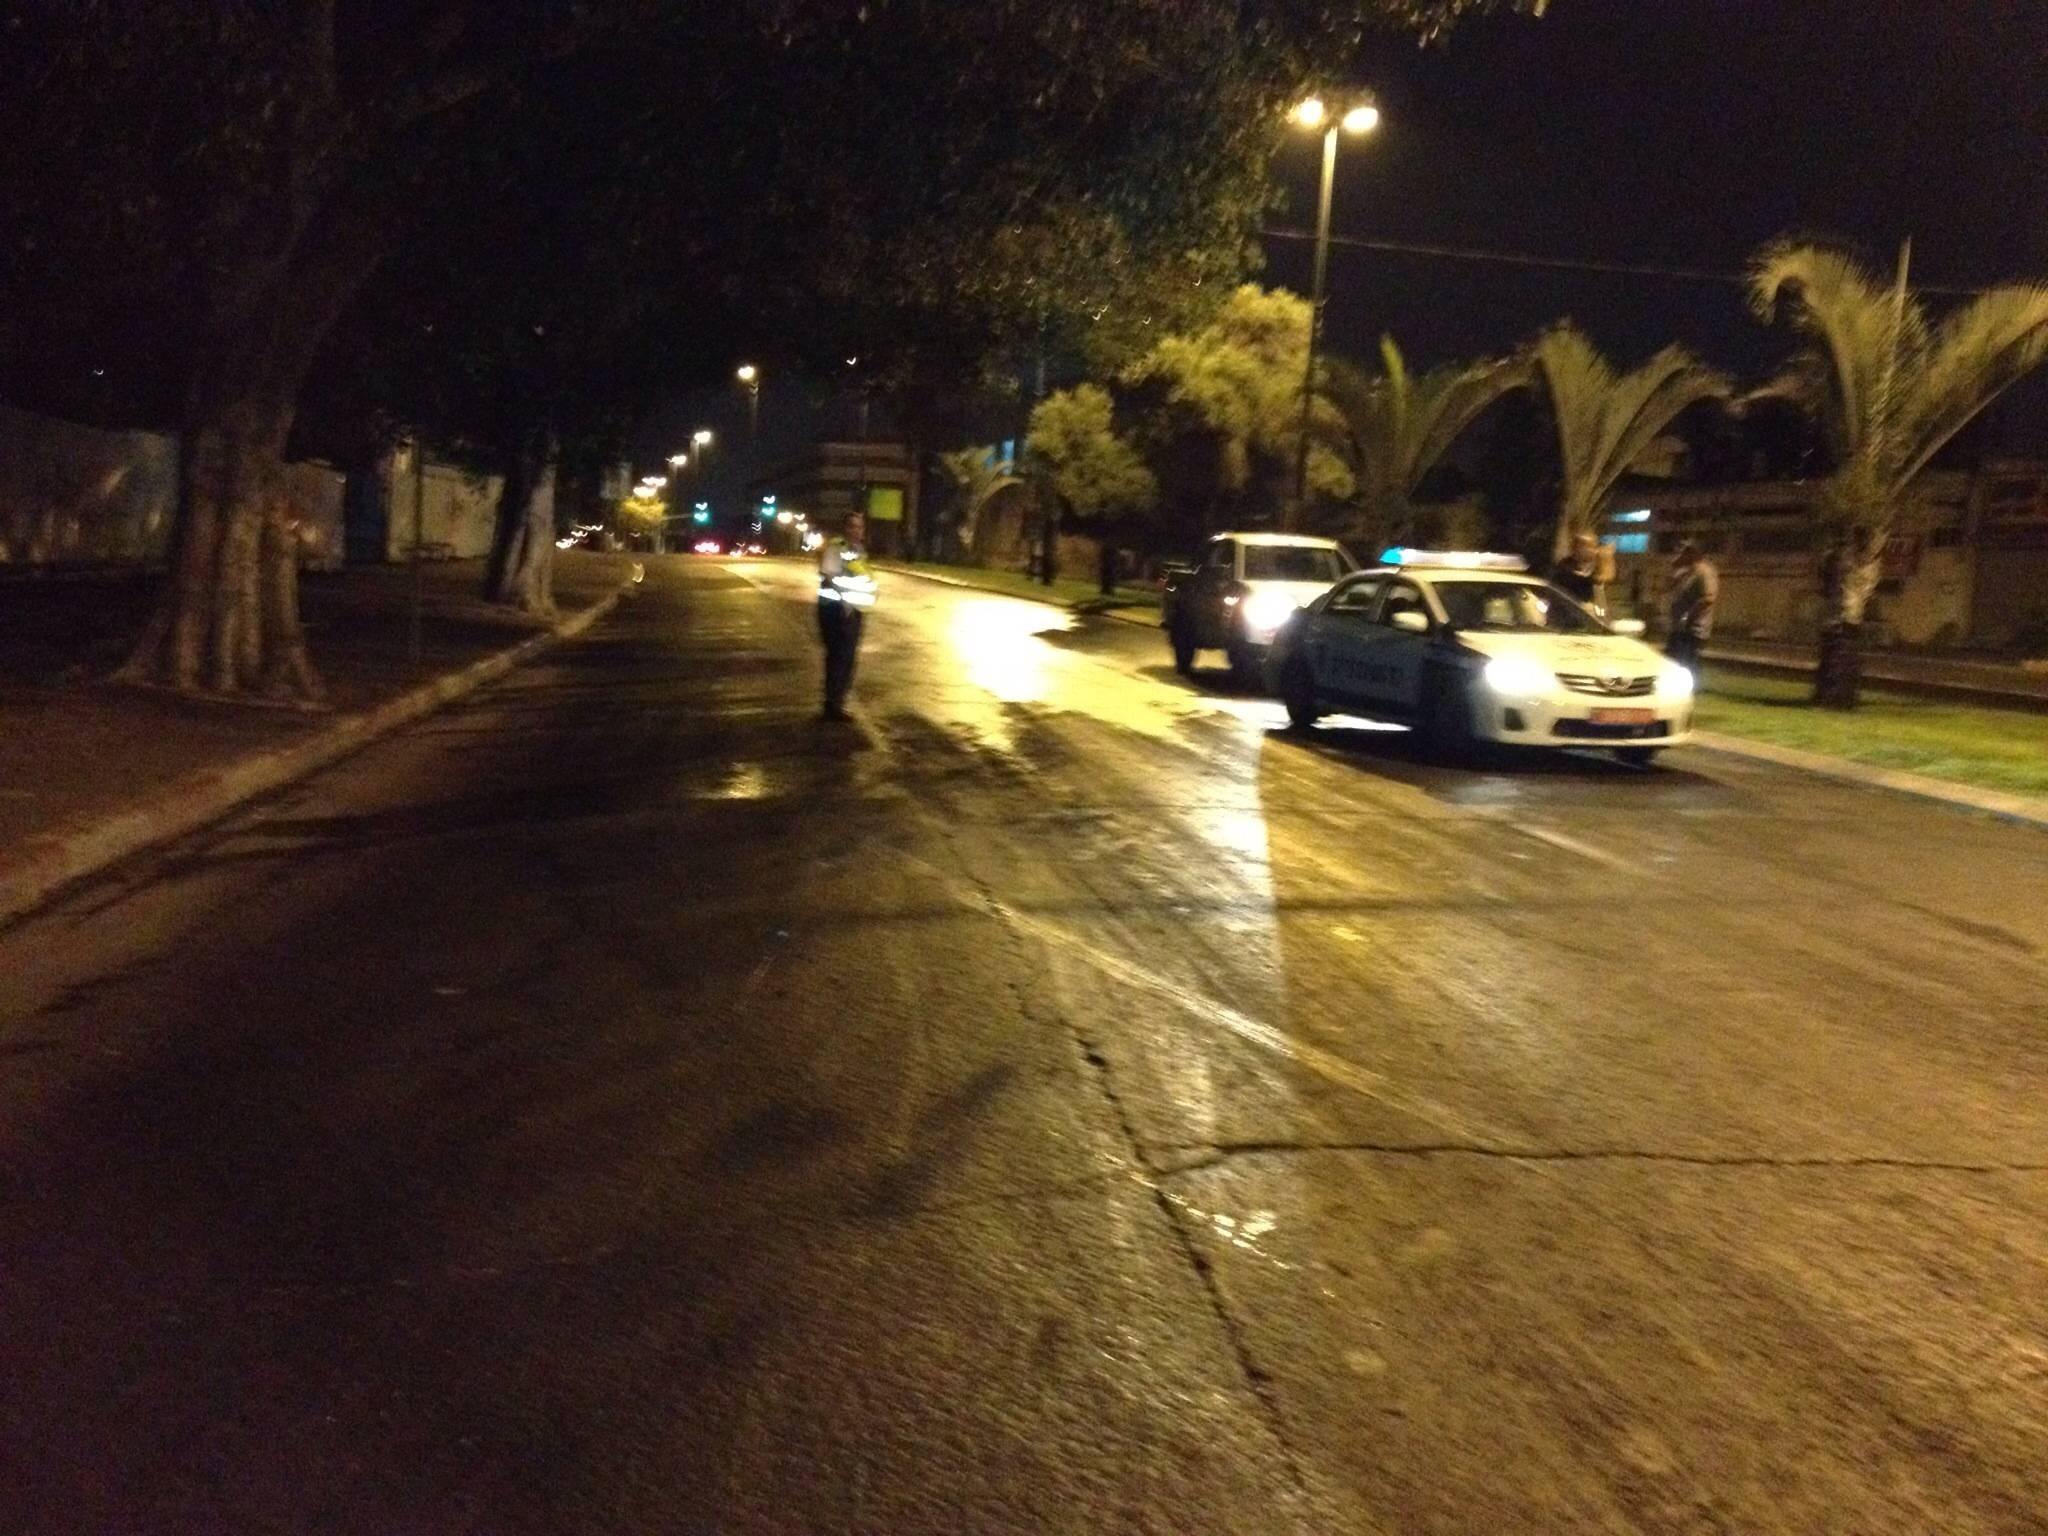 תביעה נגד עיריית תל אביב